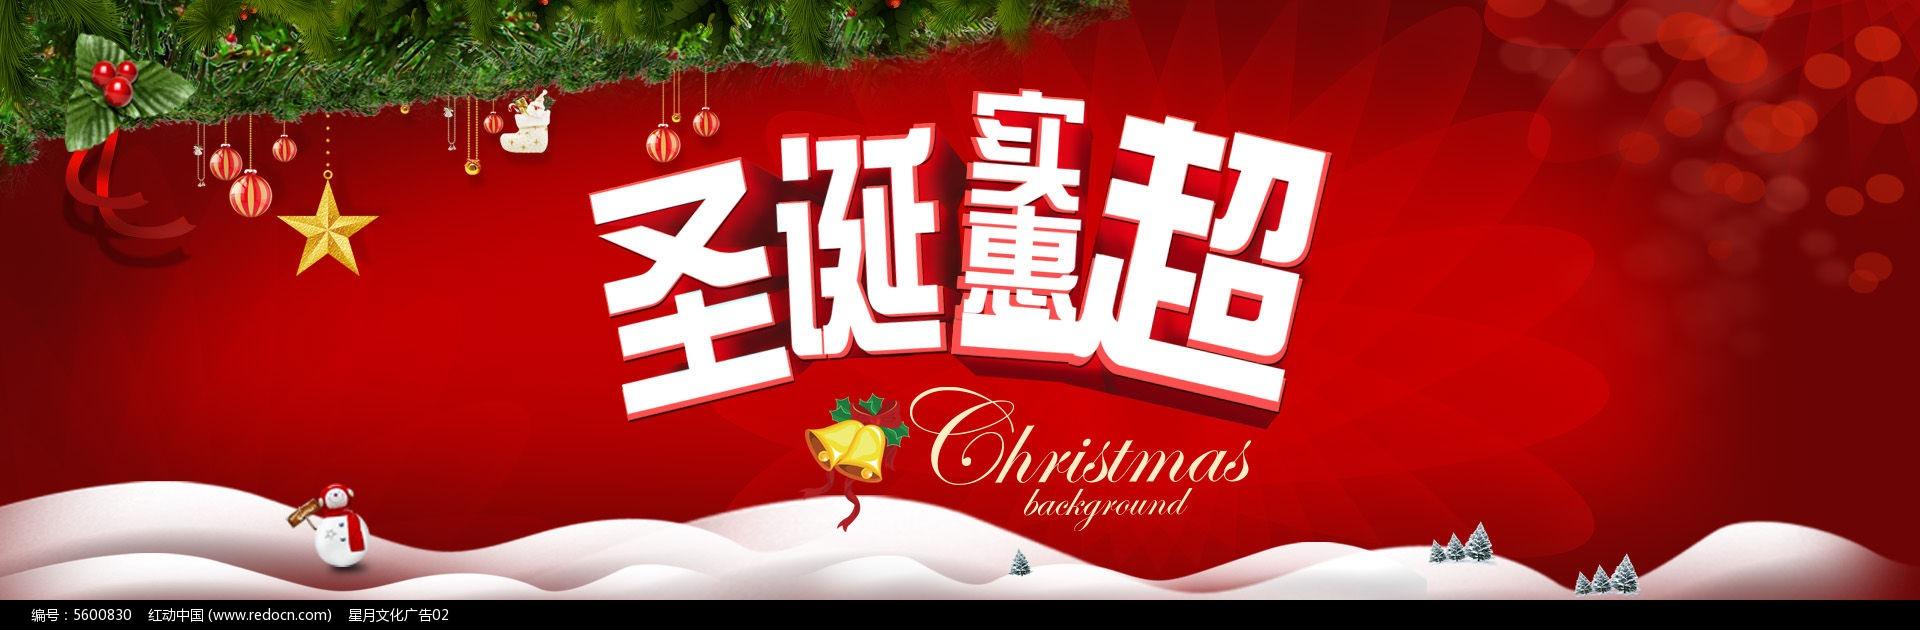 圣诞节简约手绘海报